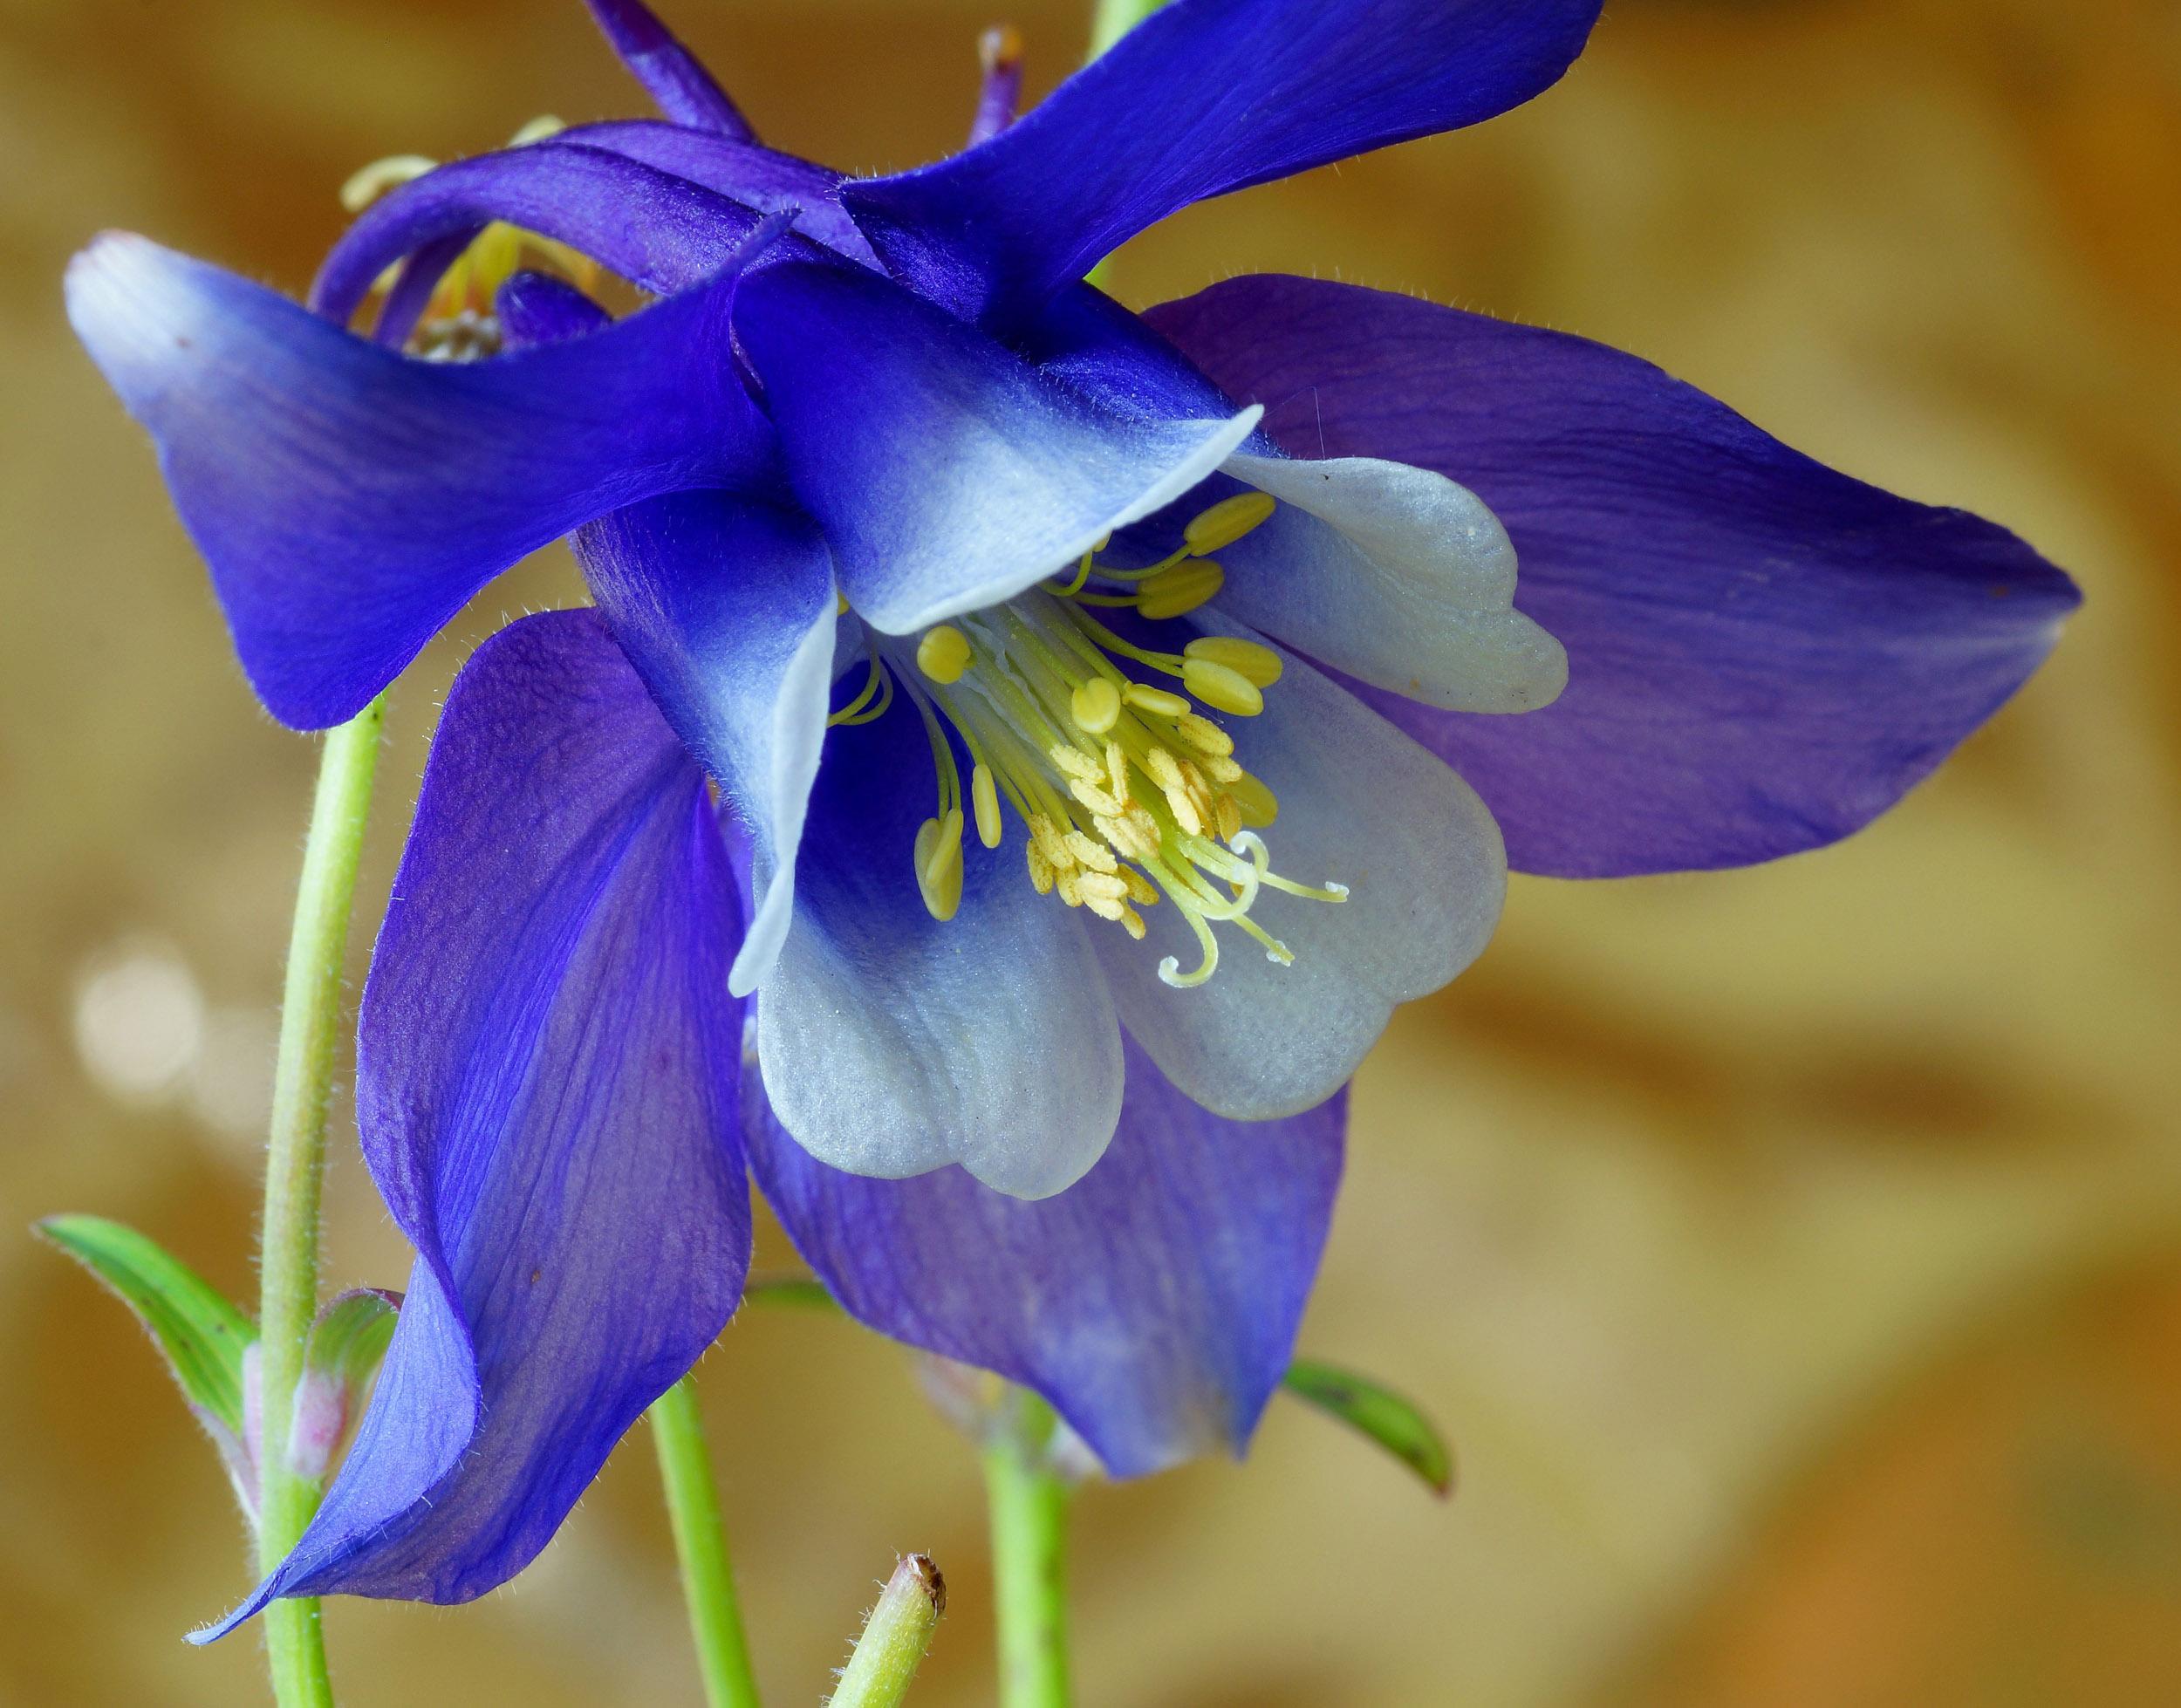 фотографии цветов с названиями фото через иглу